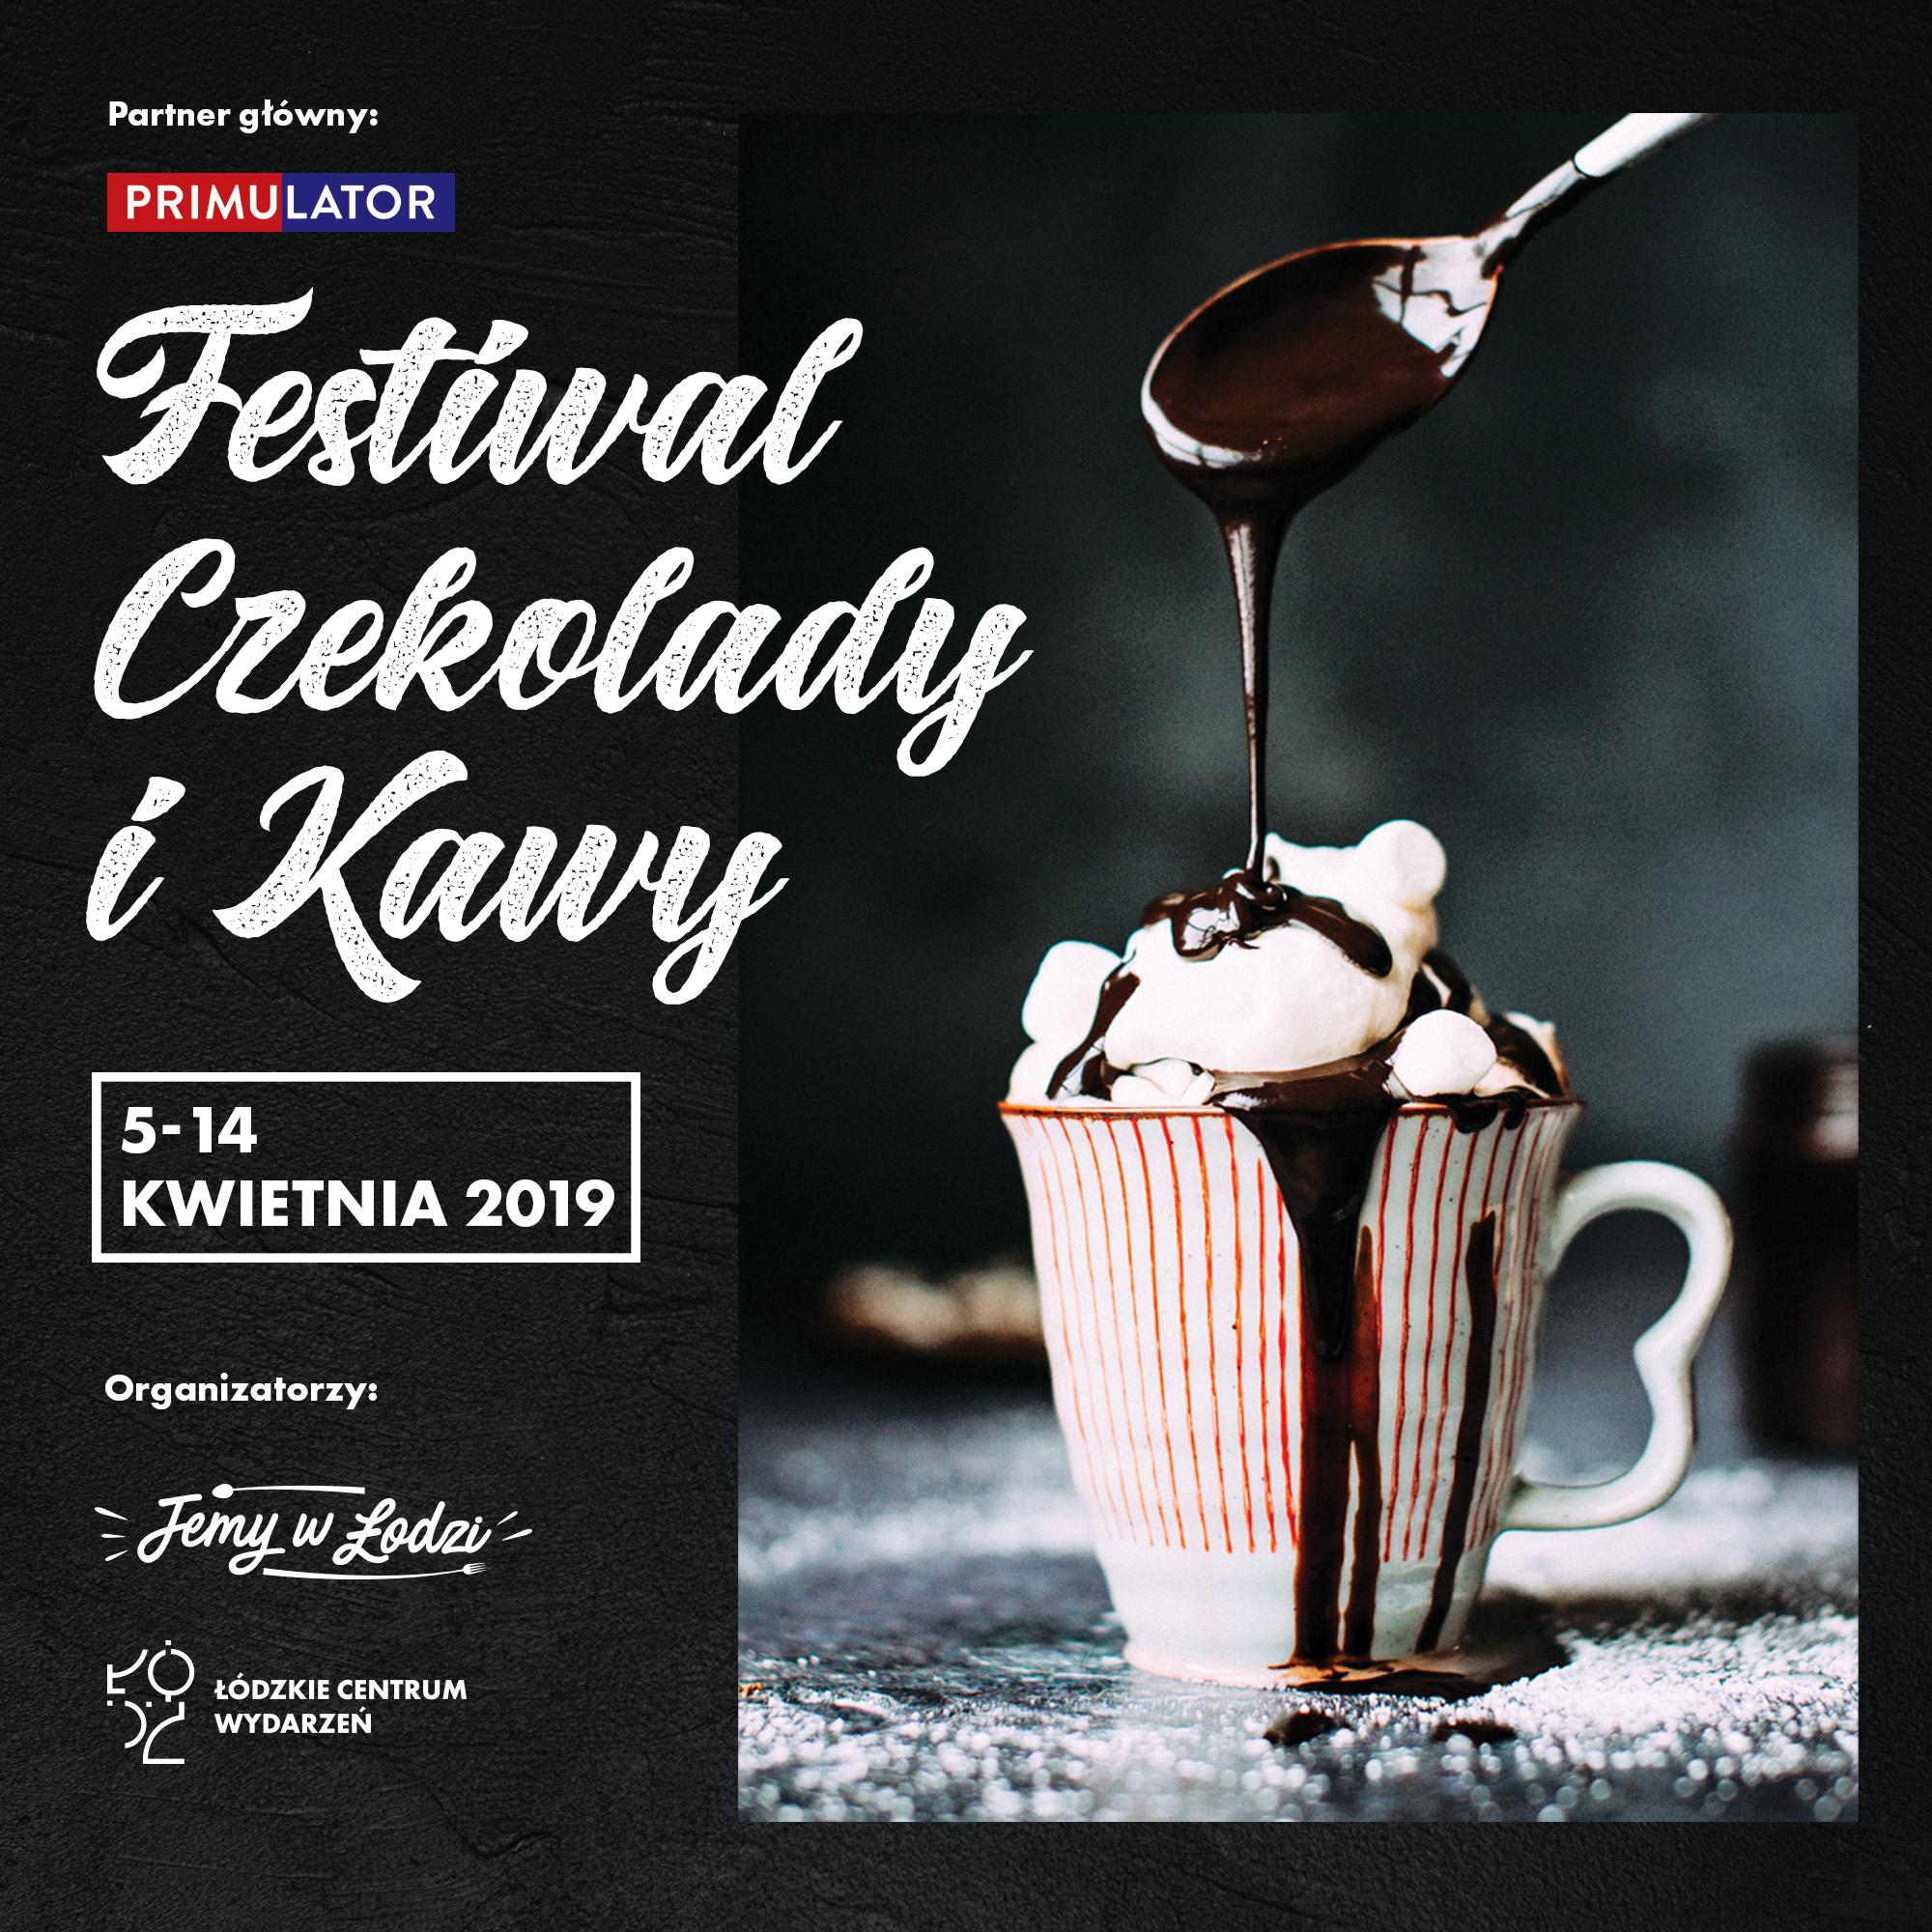 Festiwal Czekolady i Kawy rusza już w piątek!